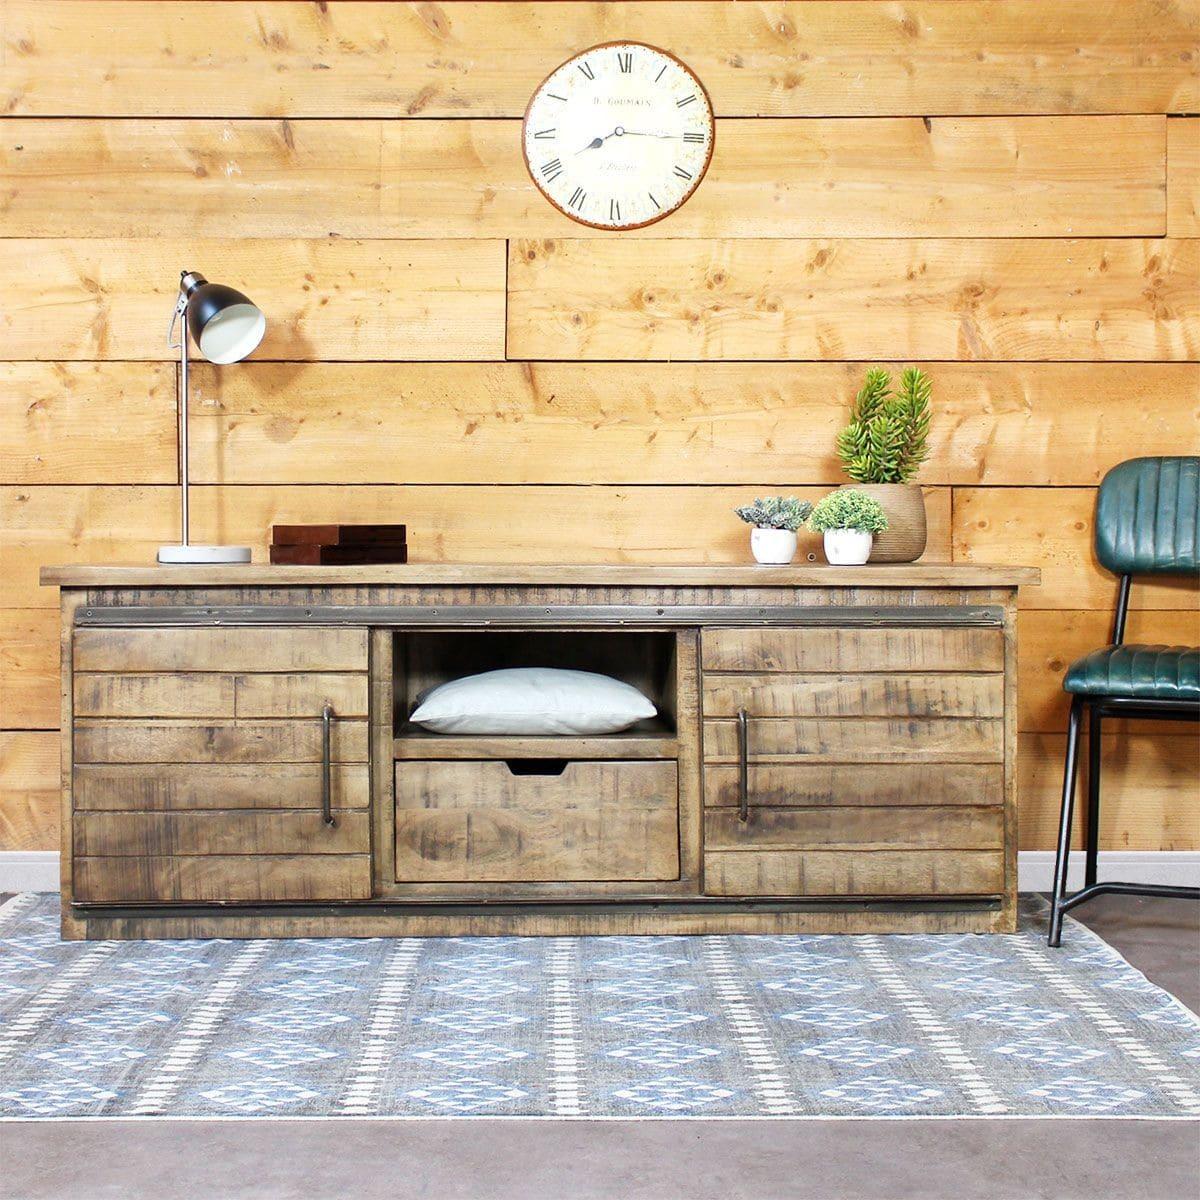 Meuble Tv Industriel 40 Id Es Et Mod Les 100 D Cal S # Table Tv En Bois Palettes Pour Chambre